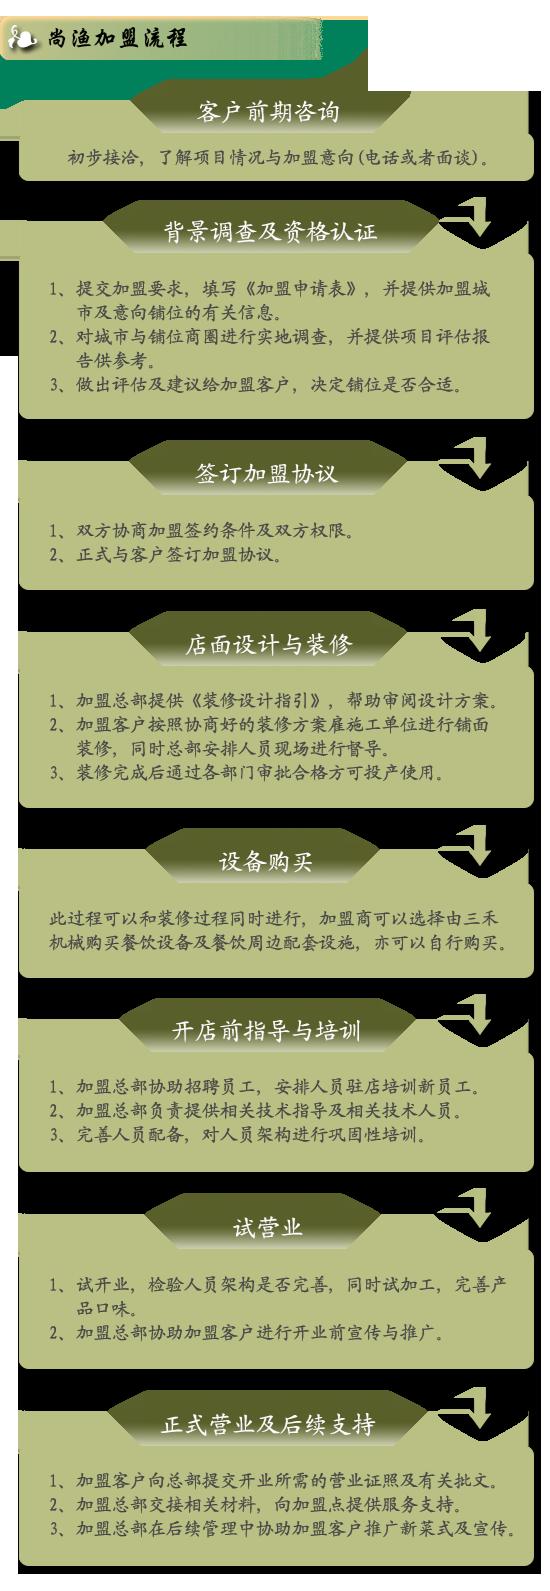 回转寿司加盟流程步骤图_三禾尚渔餐饮加盟